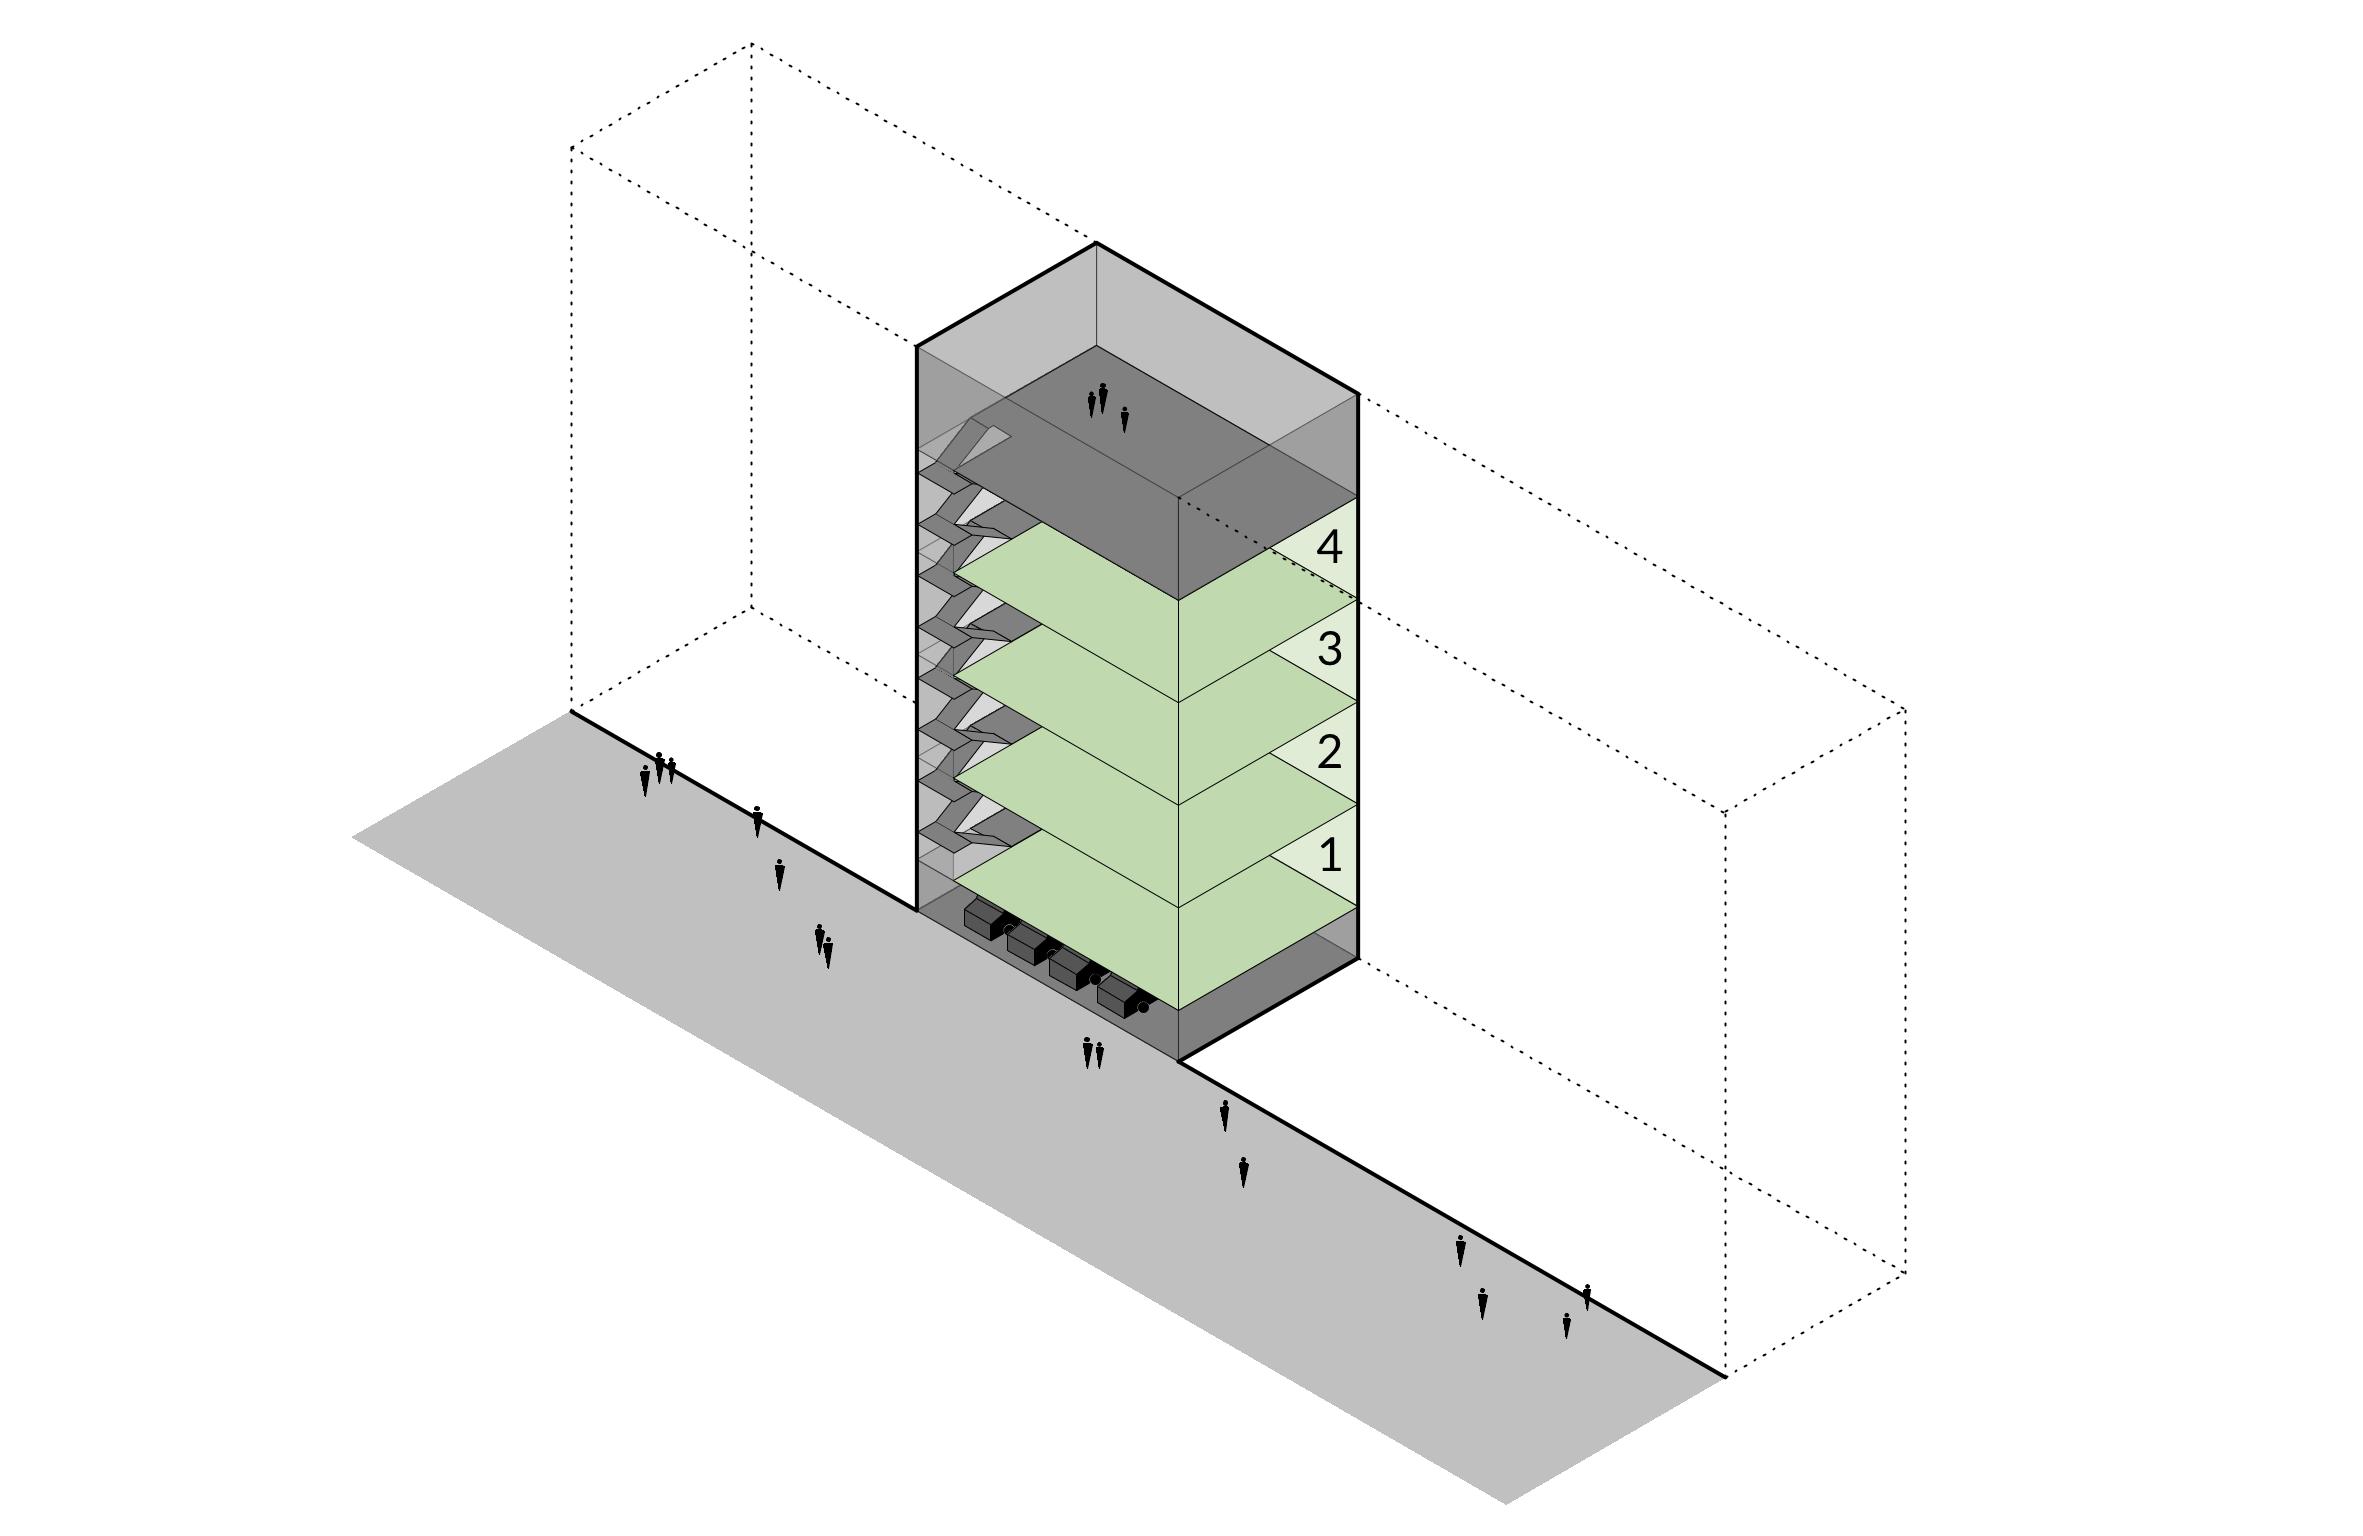 christophe-benichou-architectures-impasse-ciel-lotissement-vertical-05